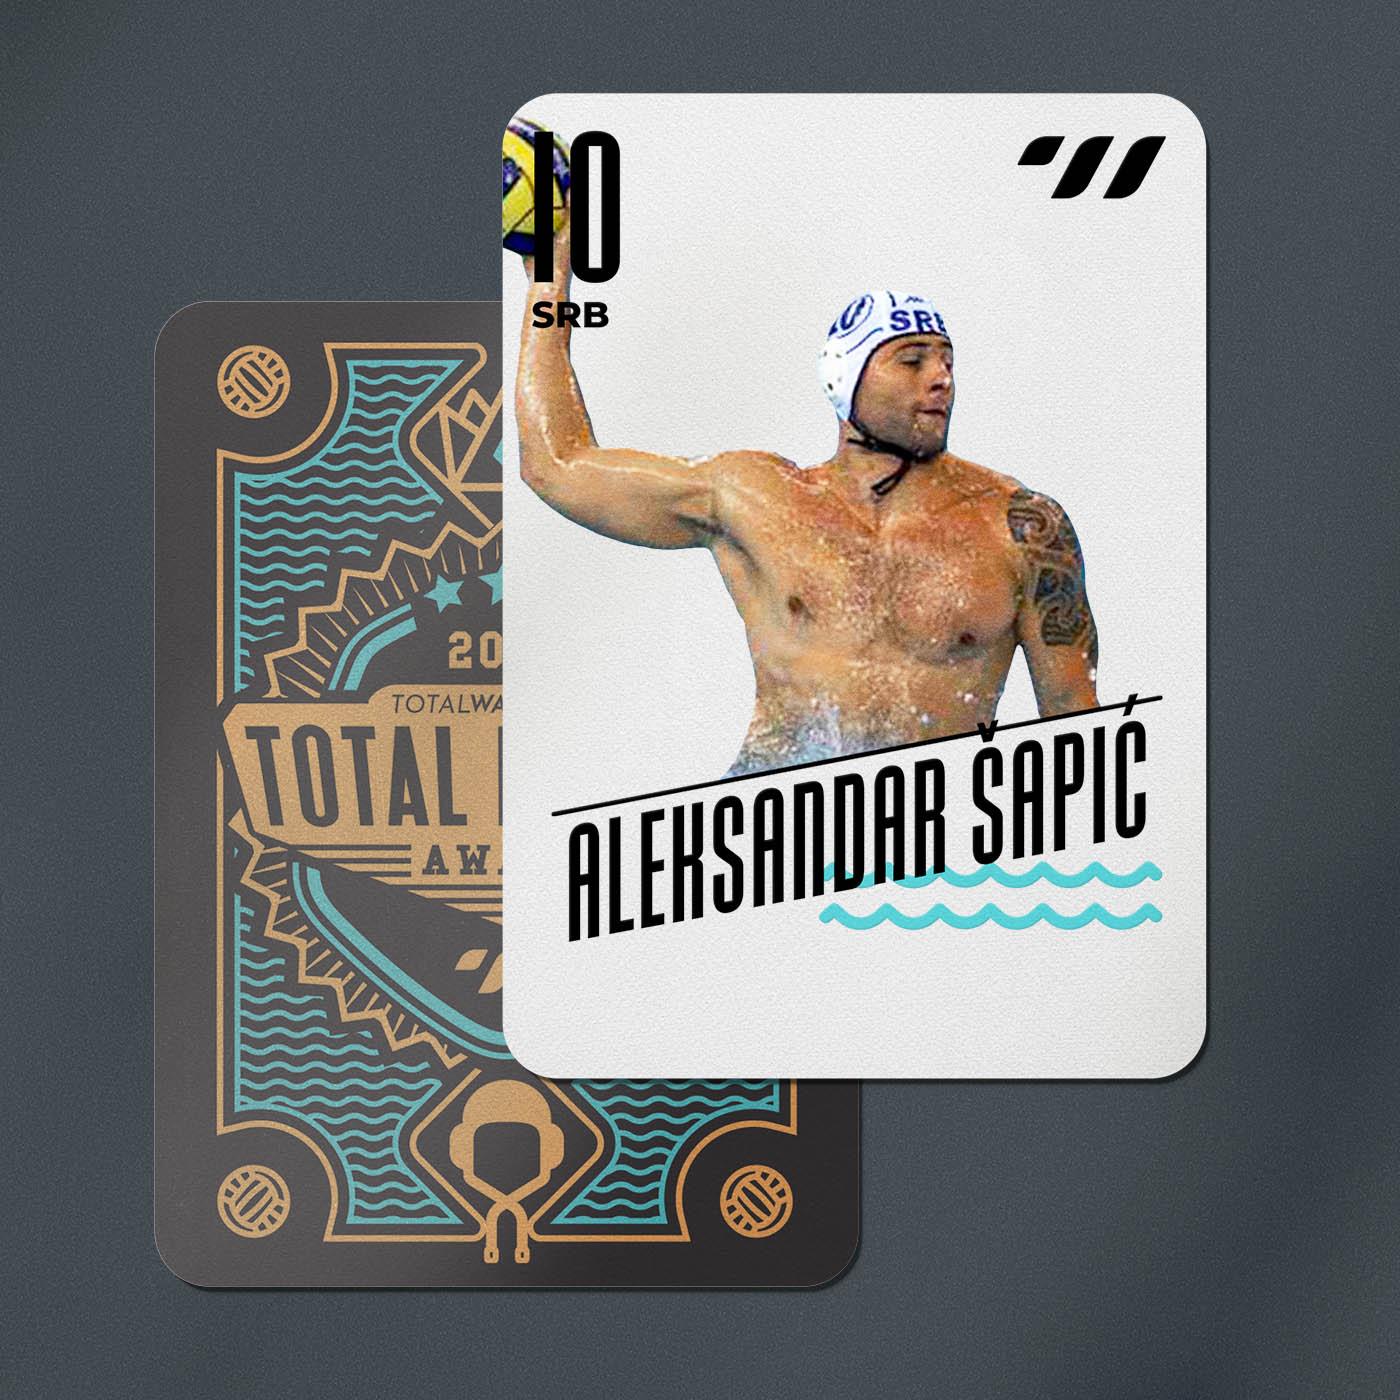 LEFT SIDE - Aleksandar Sapic (SRB)